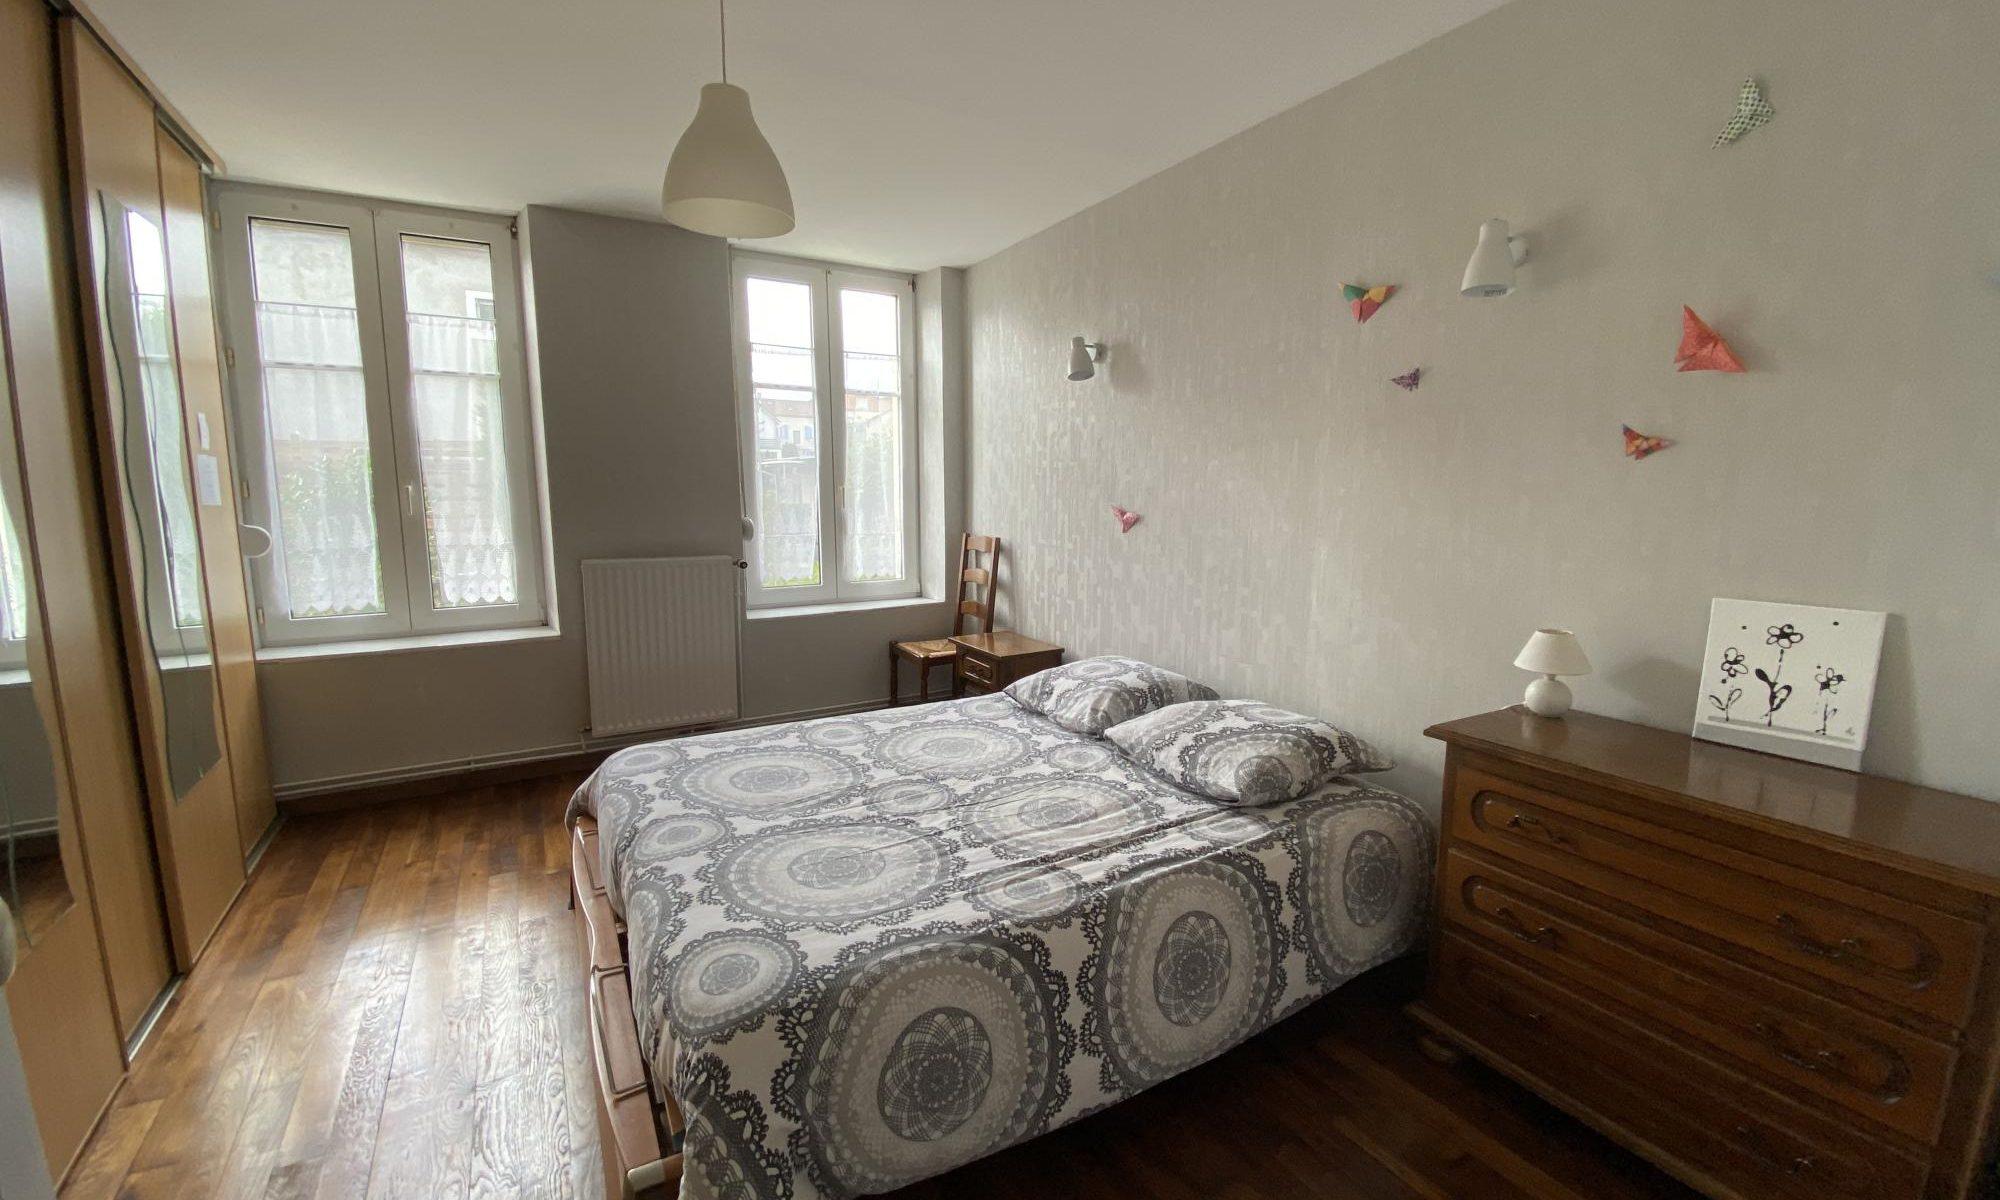 Grande chambre confortable appartement a louer meublé de tourisme entre Metz et Nancy